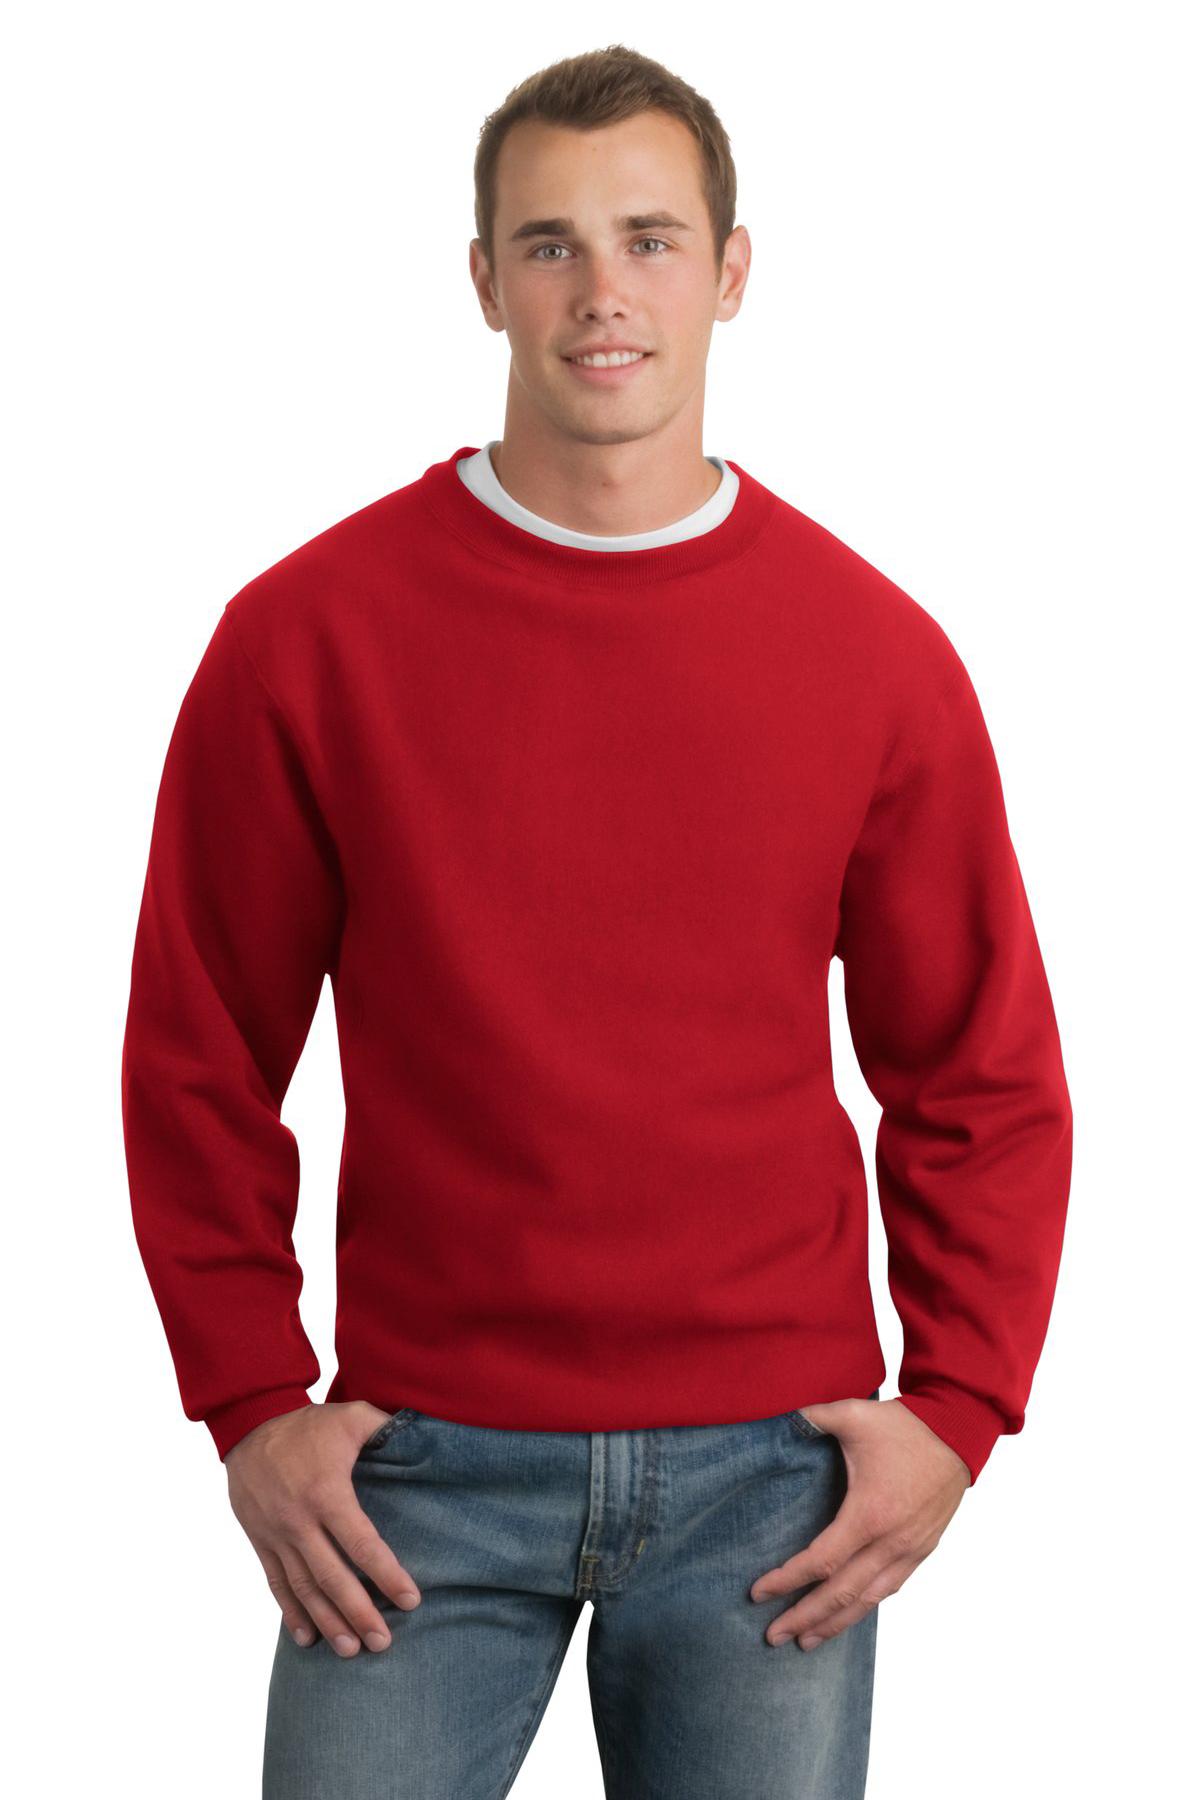 Sweatshirts-Fleece-Crew-Necks-13